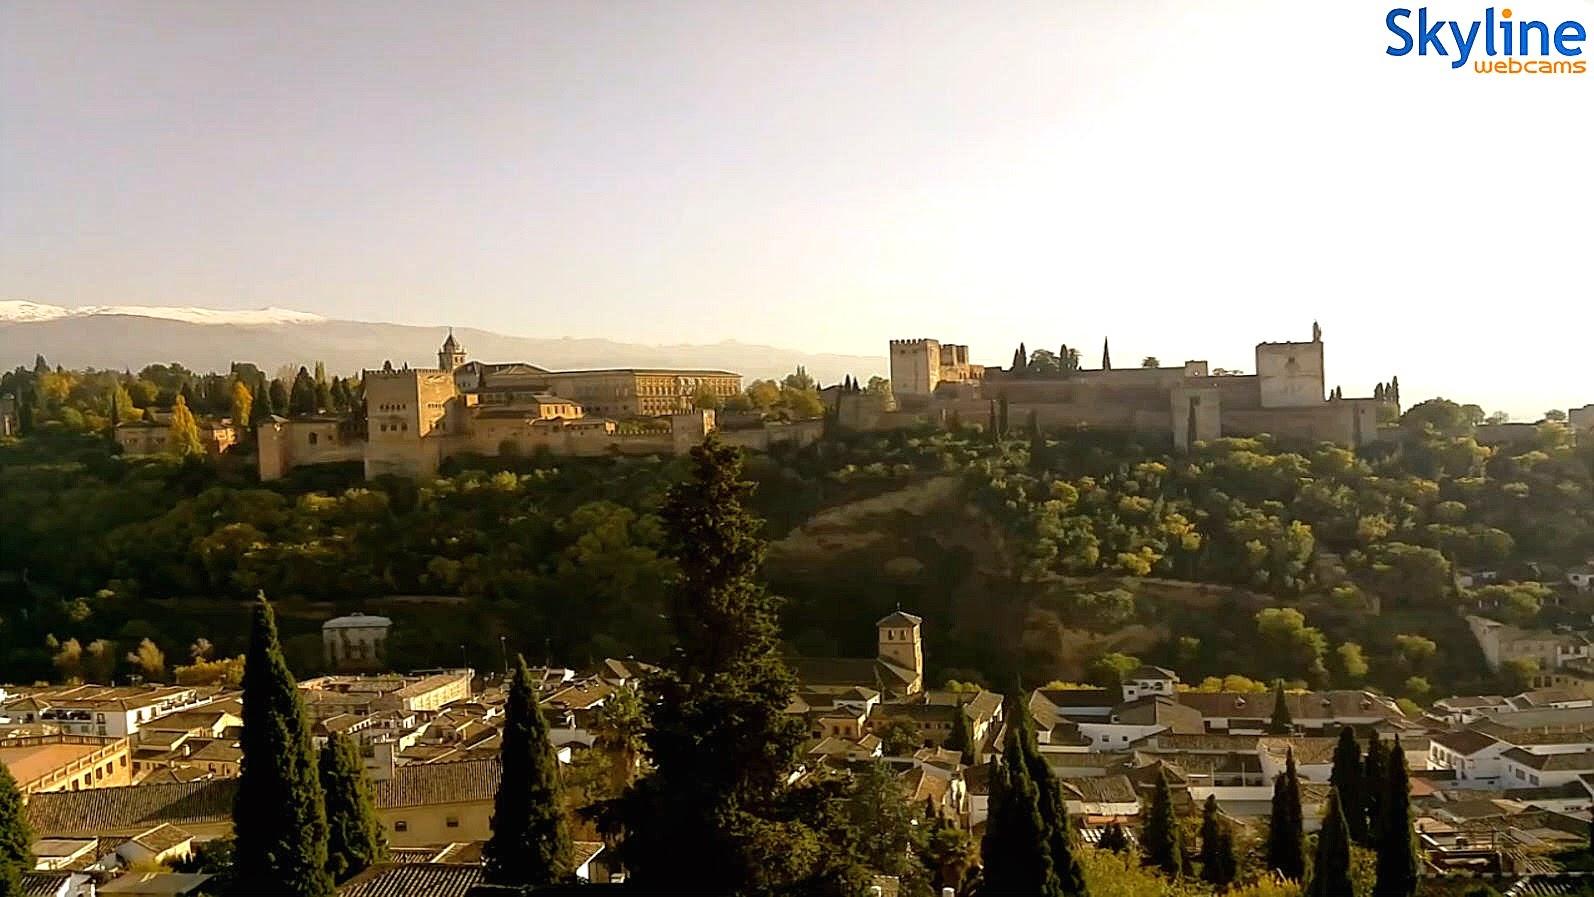 http://www.skylinewebcams.com/en/webcam/espana/andalucia/granada/alhambra-de-granada.html